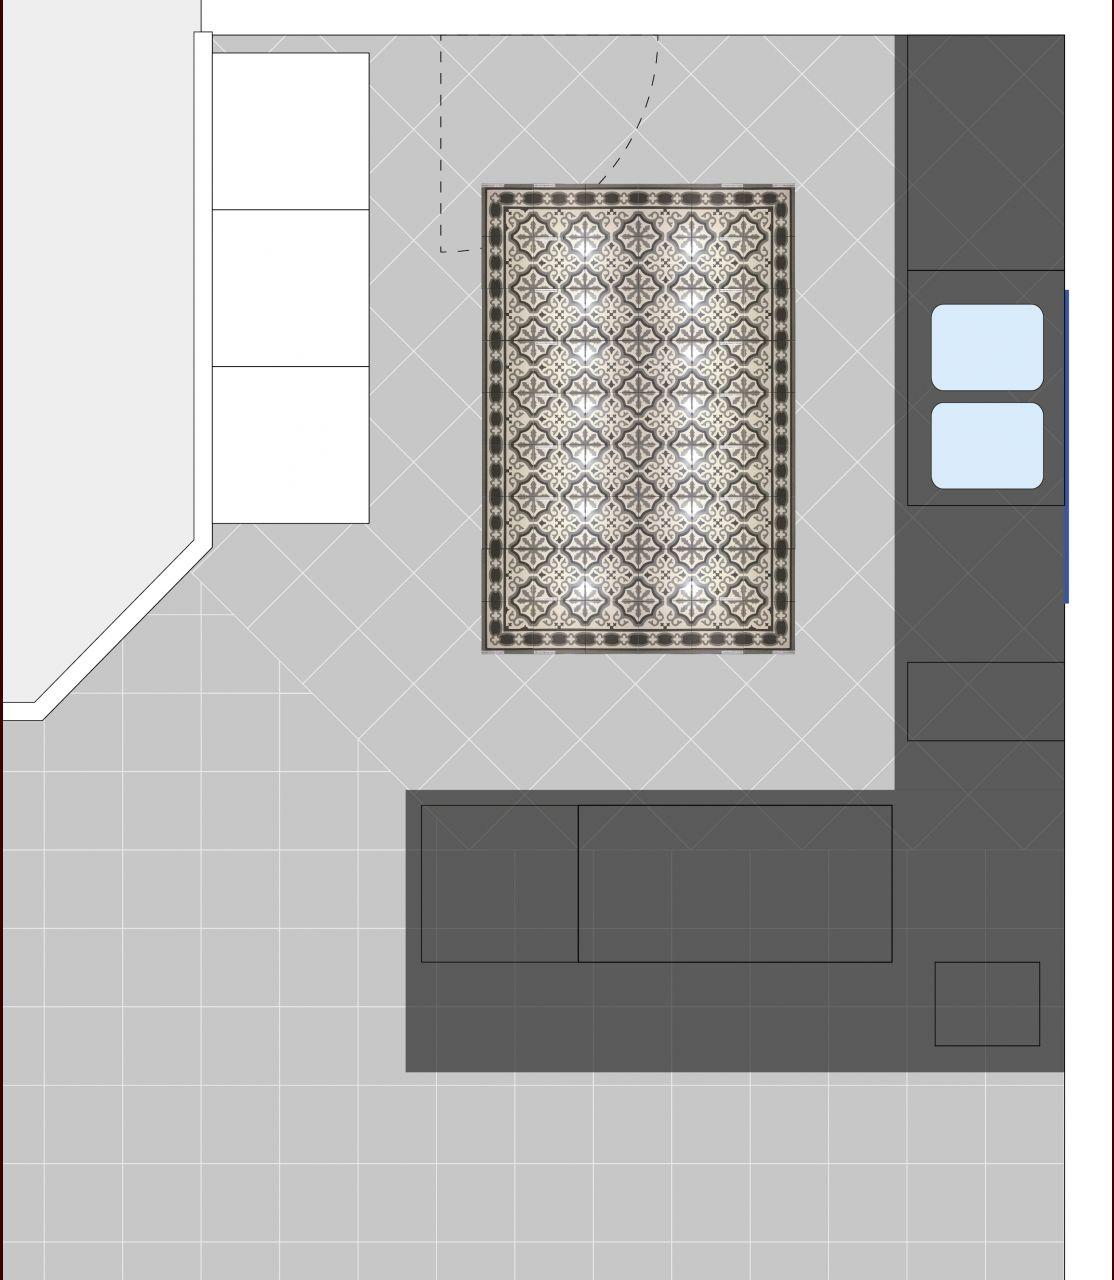 Positionnement du tapis de carrelage de la cuisine.